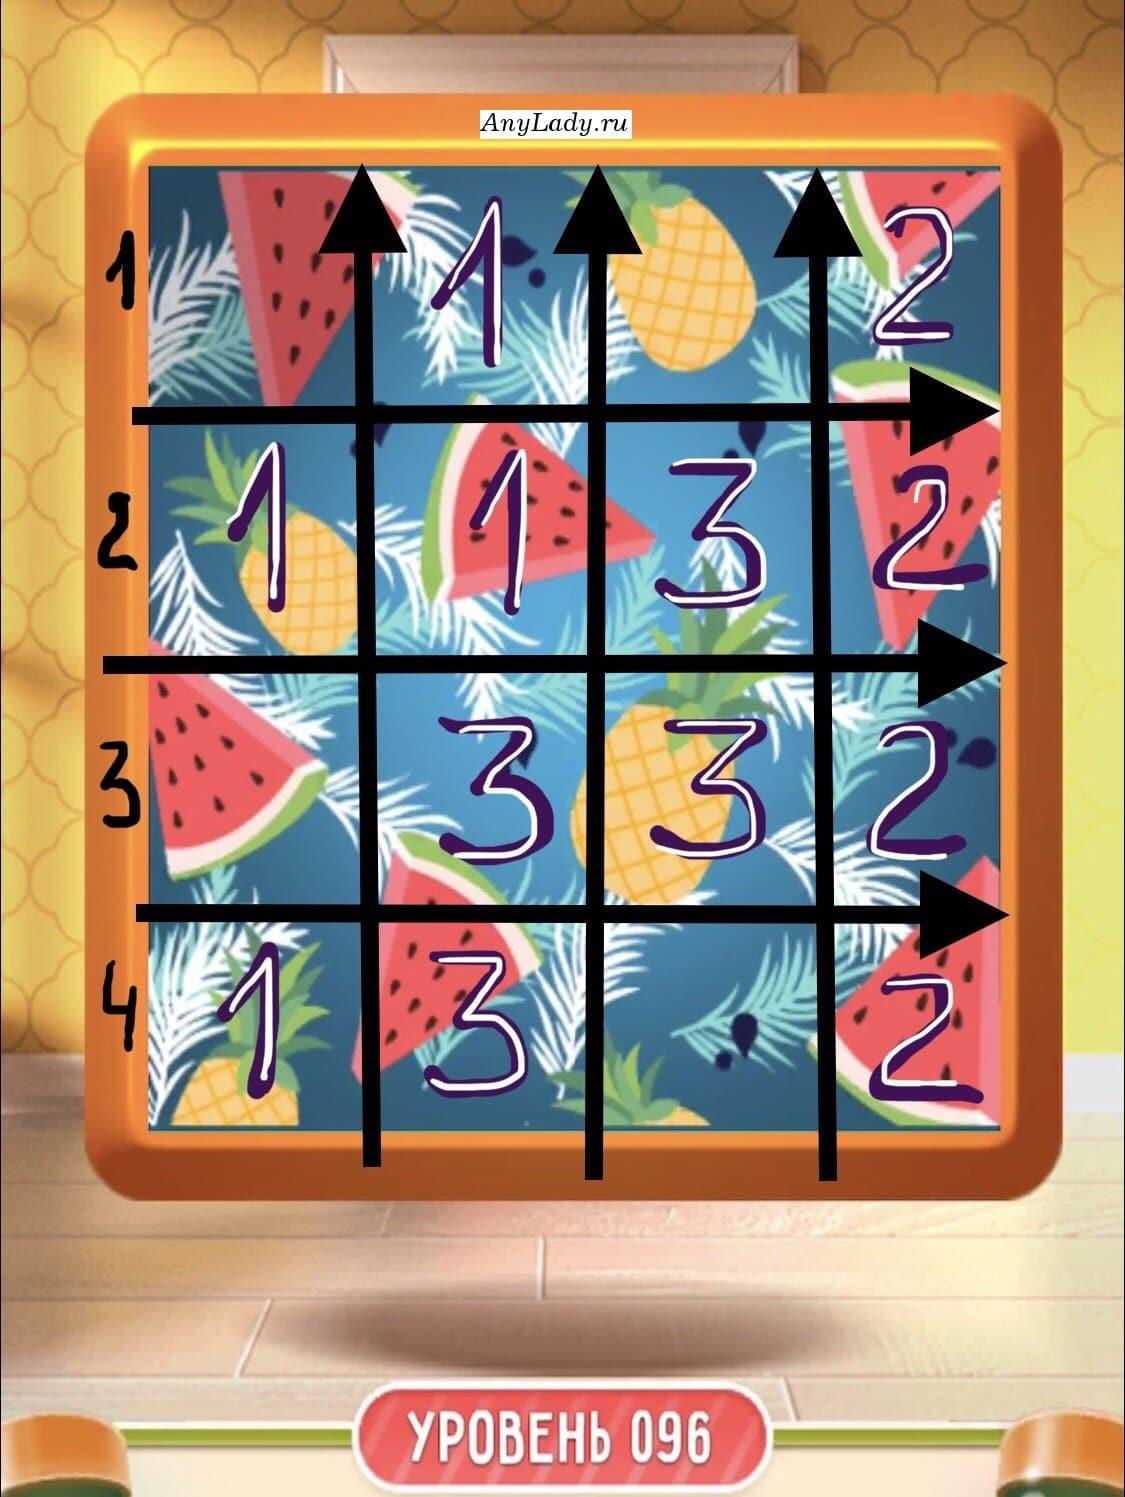 Перед Вами мозаика с фруктами, необходимо верно собрать рисунок. Для описания прохождения игры, ряды пронумерованы, а количество поворотов деталей написано на них. Начнем: